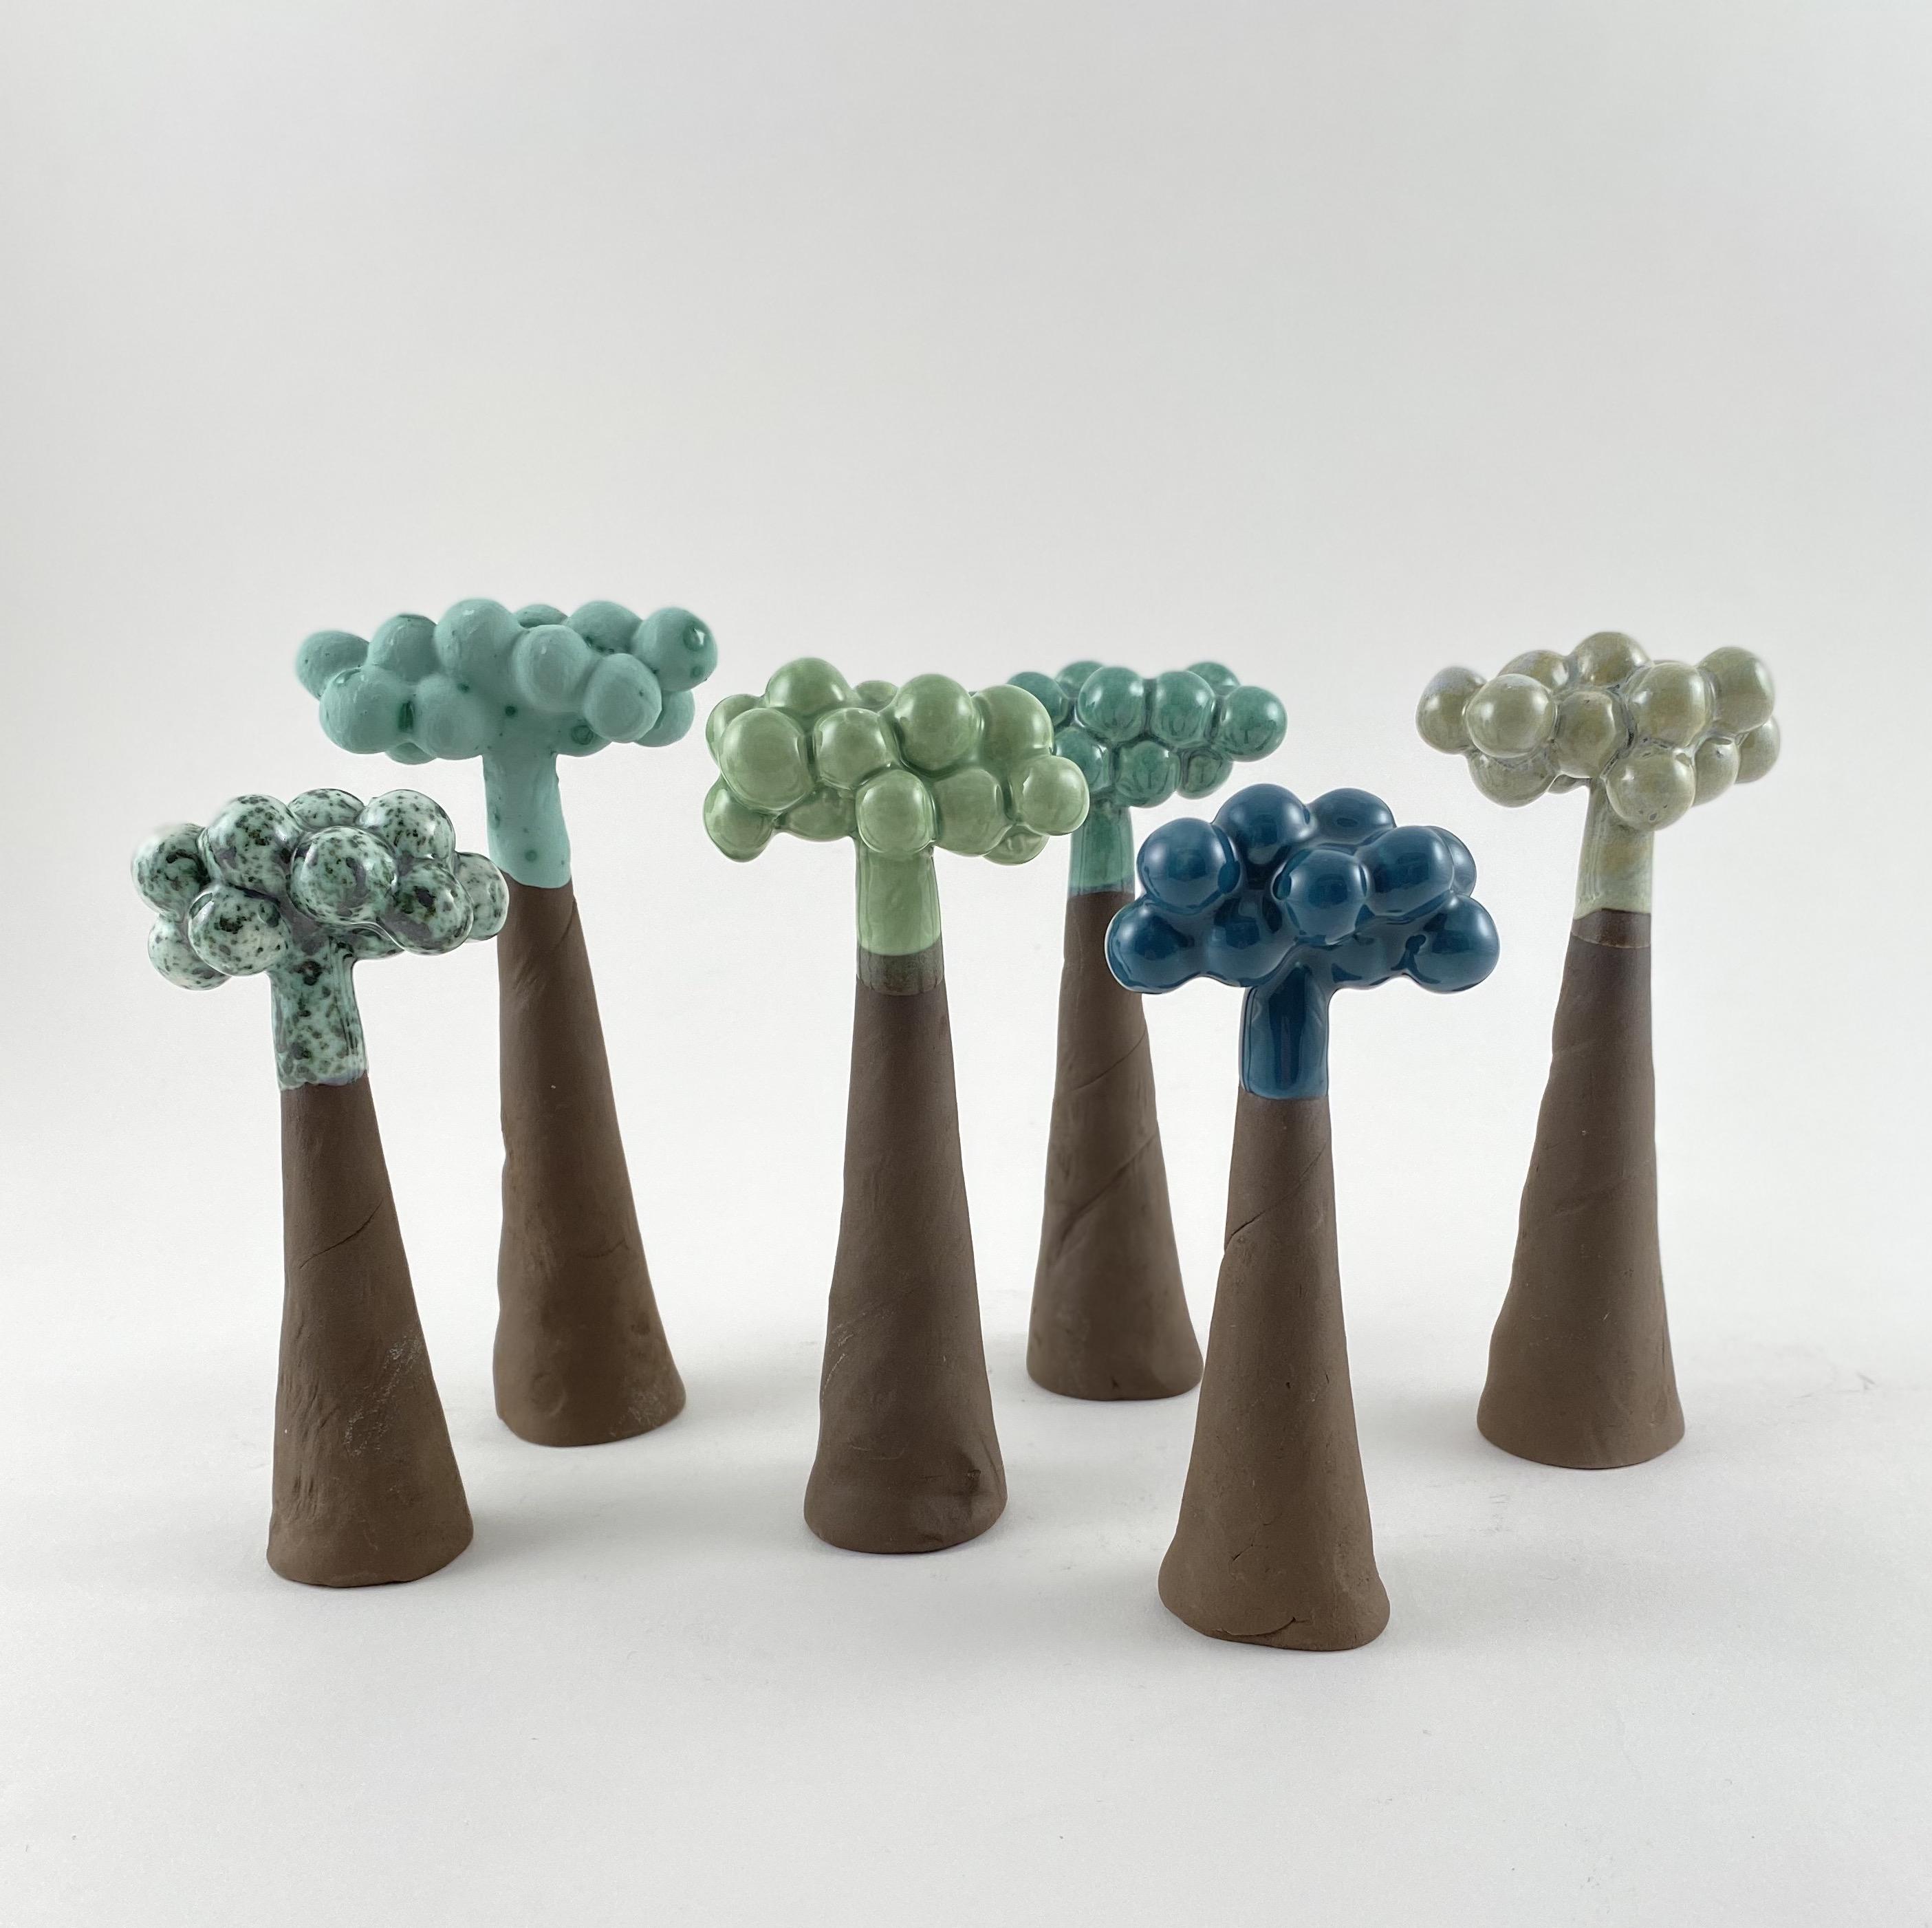 CARLAS CAOS - Små træer, nye farver